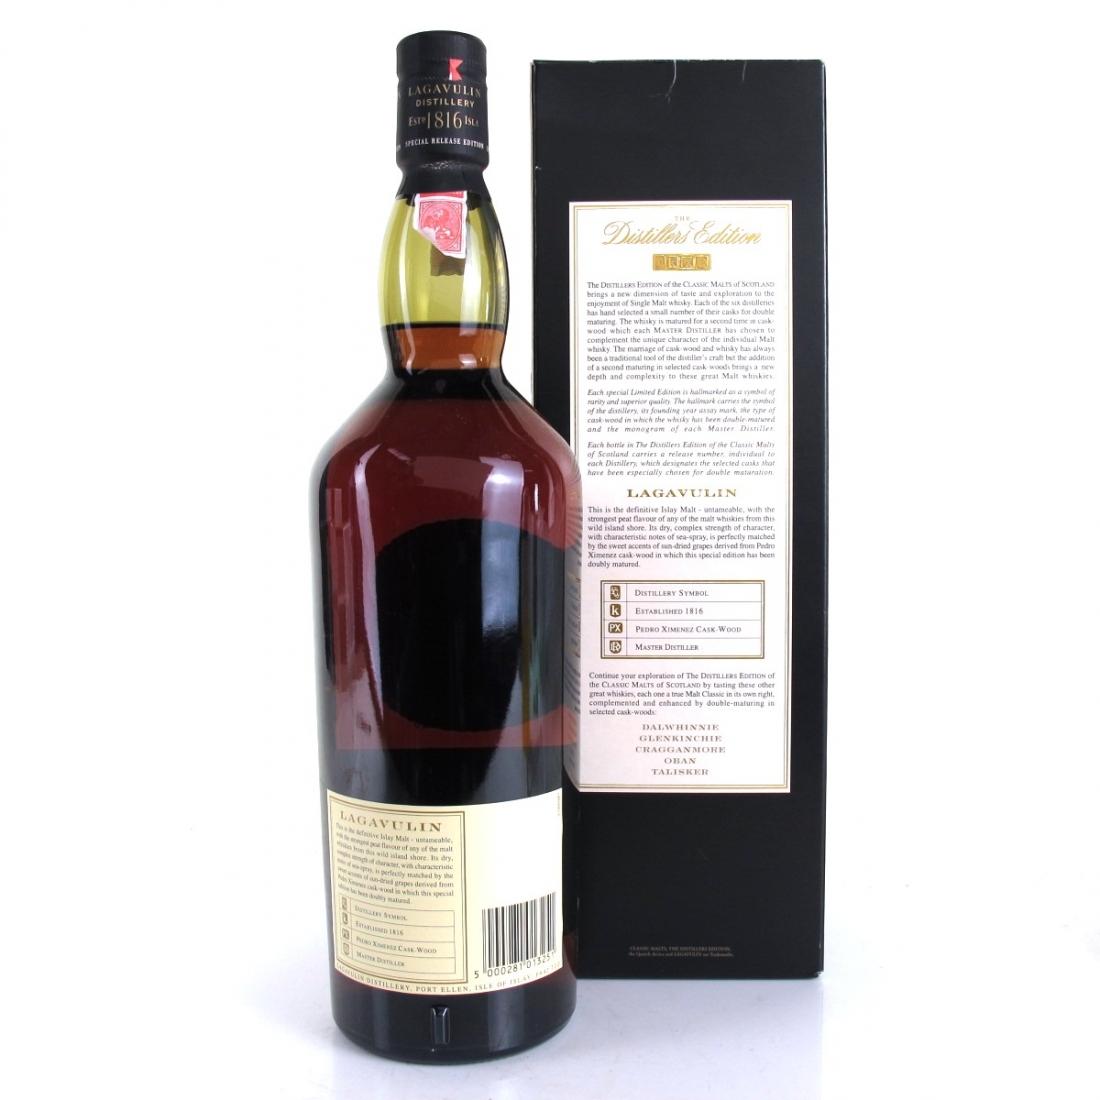 Lagavulin 1989 Distillers Edition 1 Litre